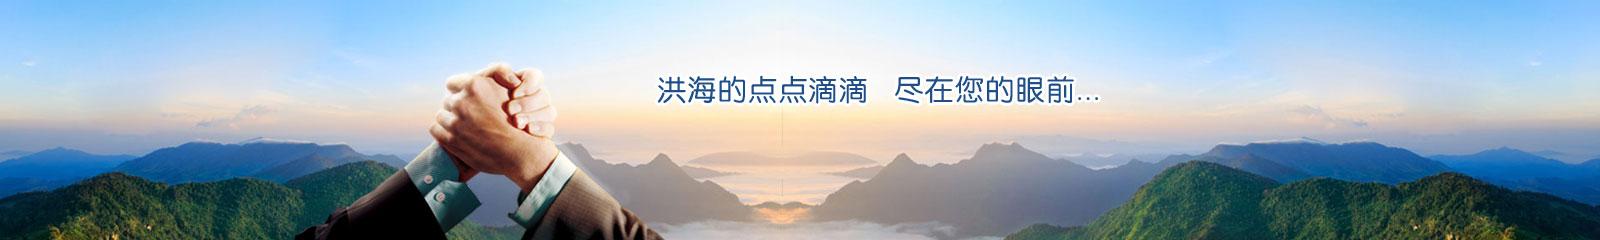 洪海资讯Zz-hh.com